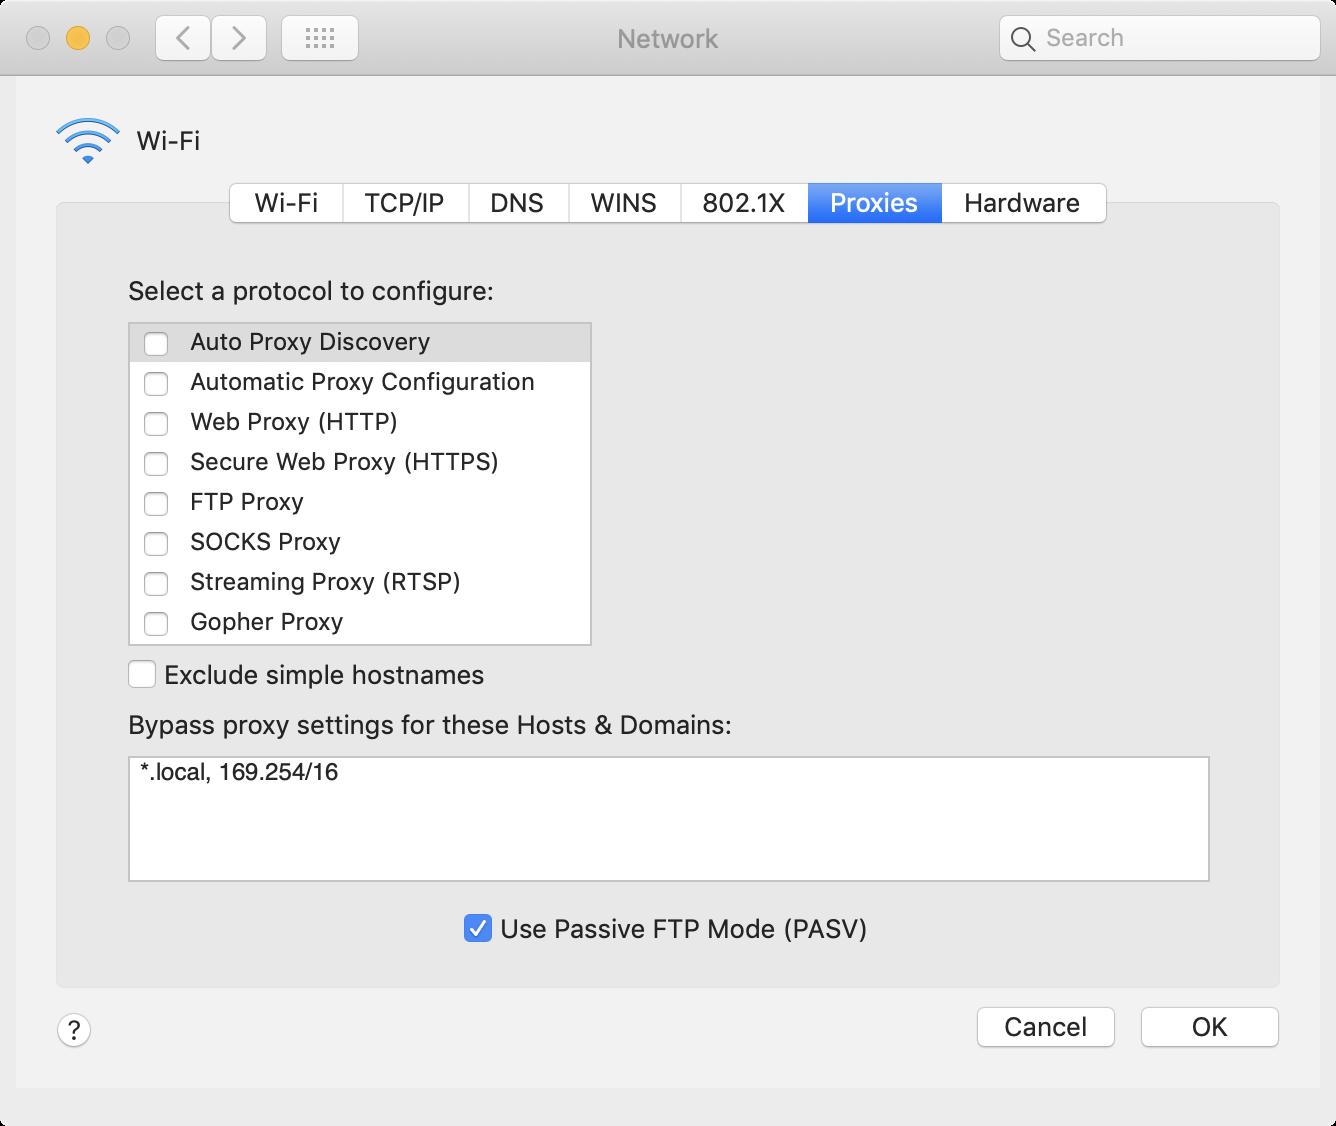 Appium Pro: Capturing iOS Simulator Network Traffic with Appium